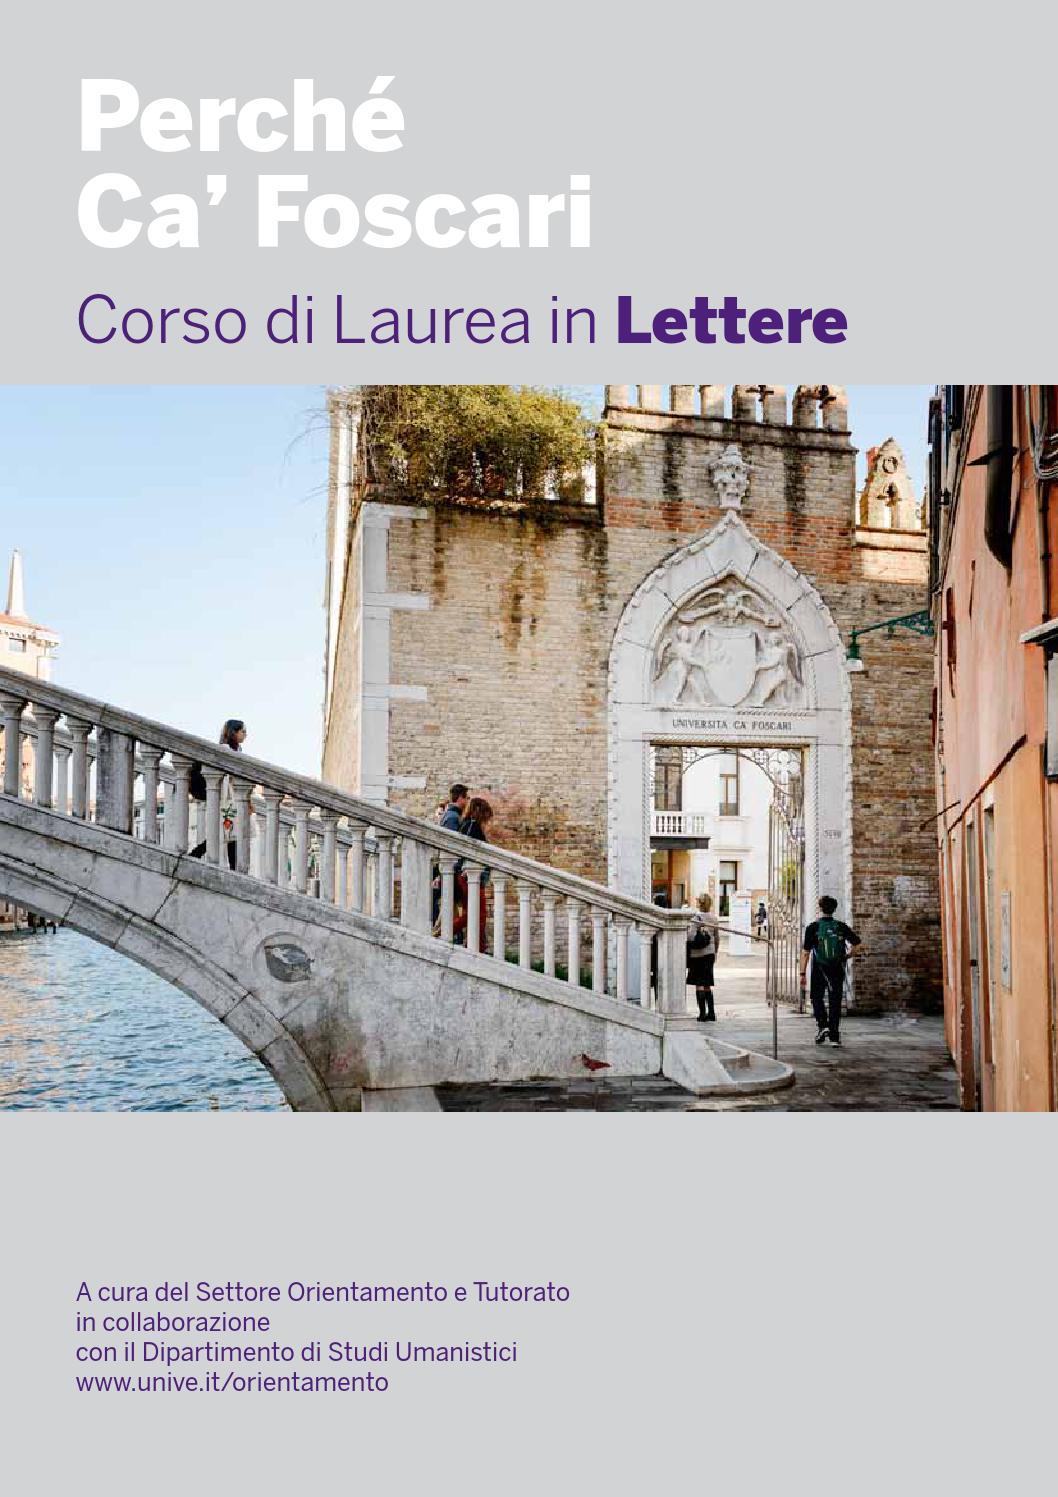 Calendario Lauree Ca Foscari.Perche Ca Foscari Lettere By Universita Ca Foscari